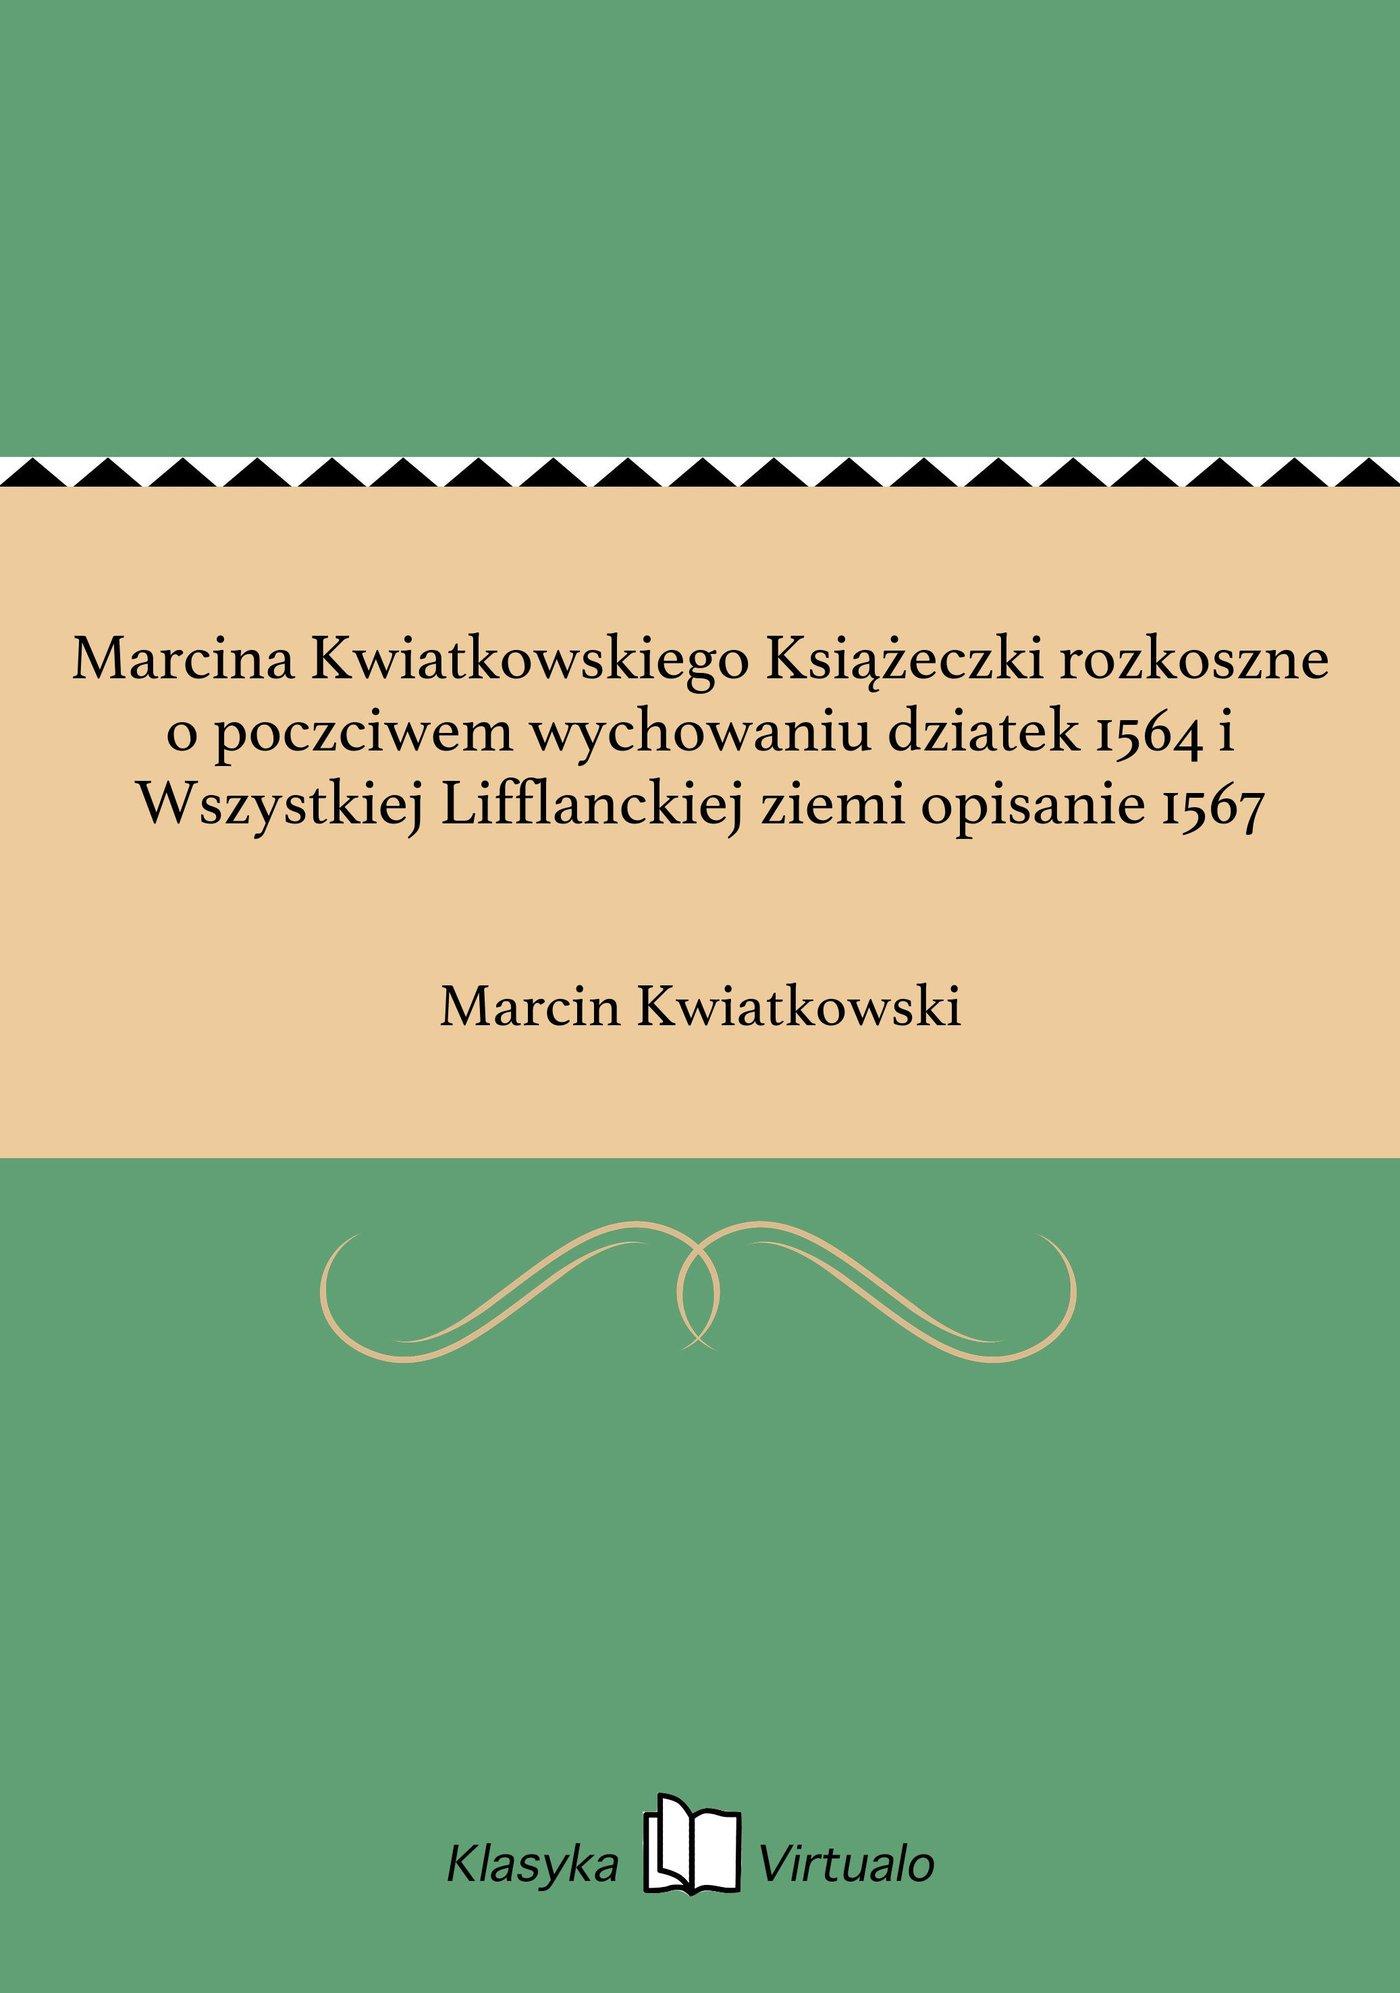 Marcina Kwiatkowskiego Książeczki rozkoszne o poczciwem wychowaniu dziatek 1564 i Wszystkiej Lifflanckiej ziemi opisanie 1567 - Ebook (Książka EPUB) do pobrania w formacie EPUB